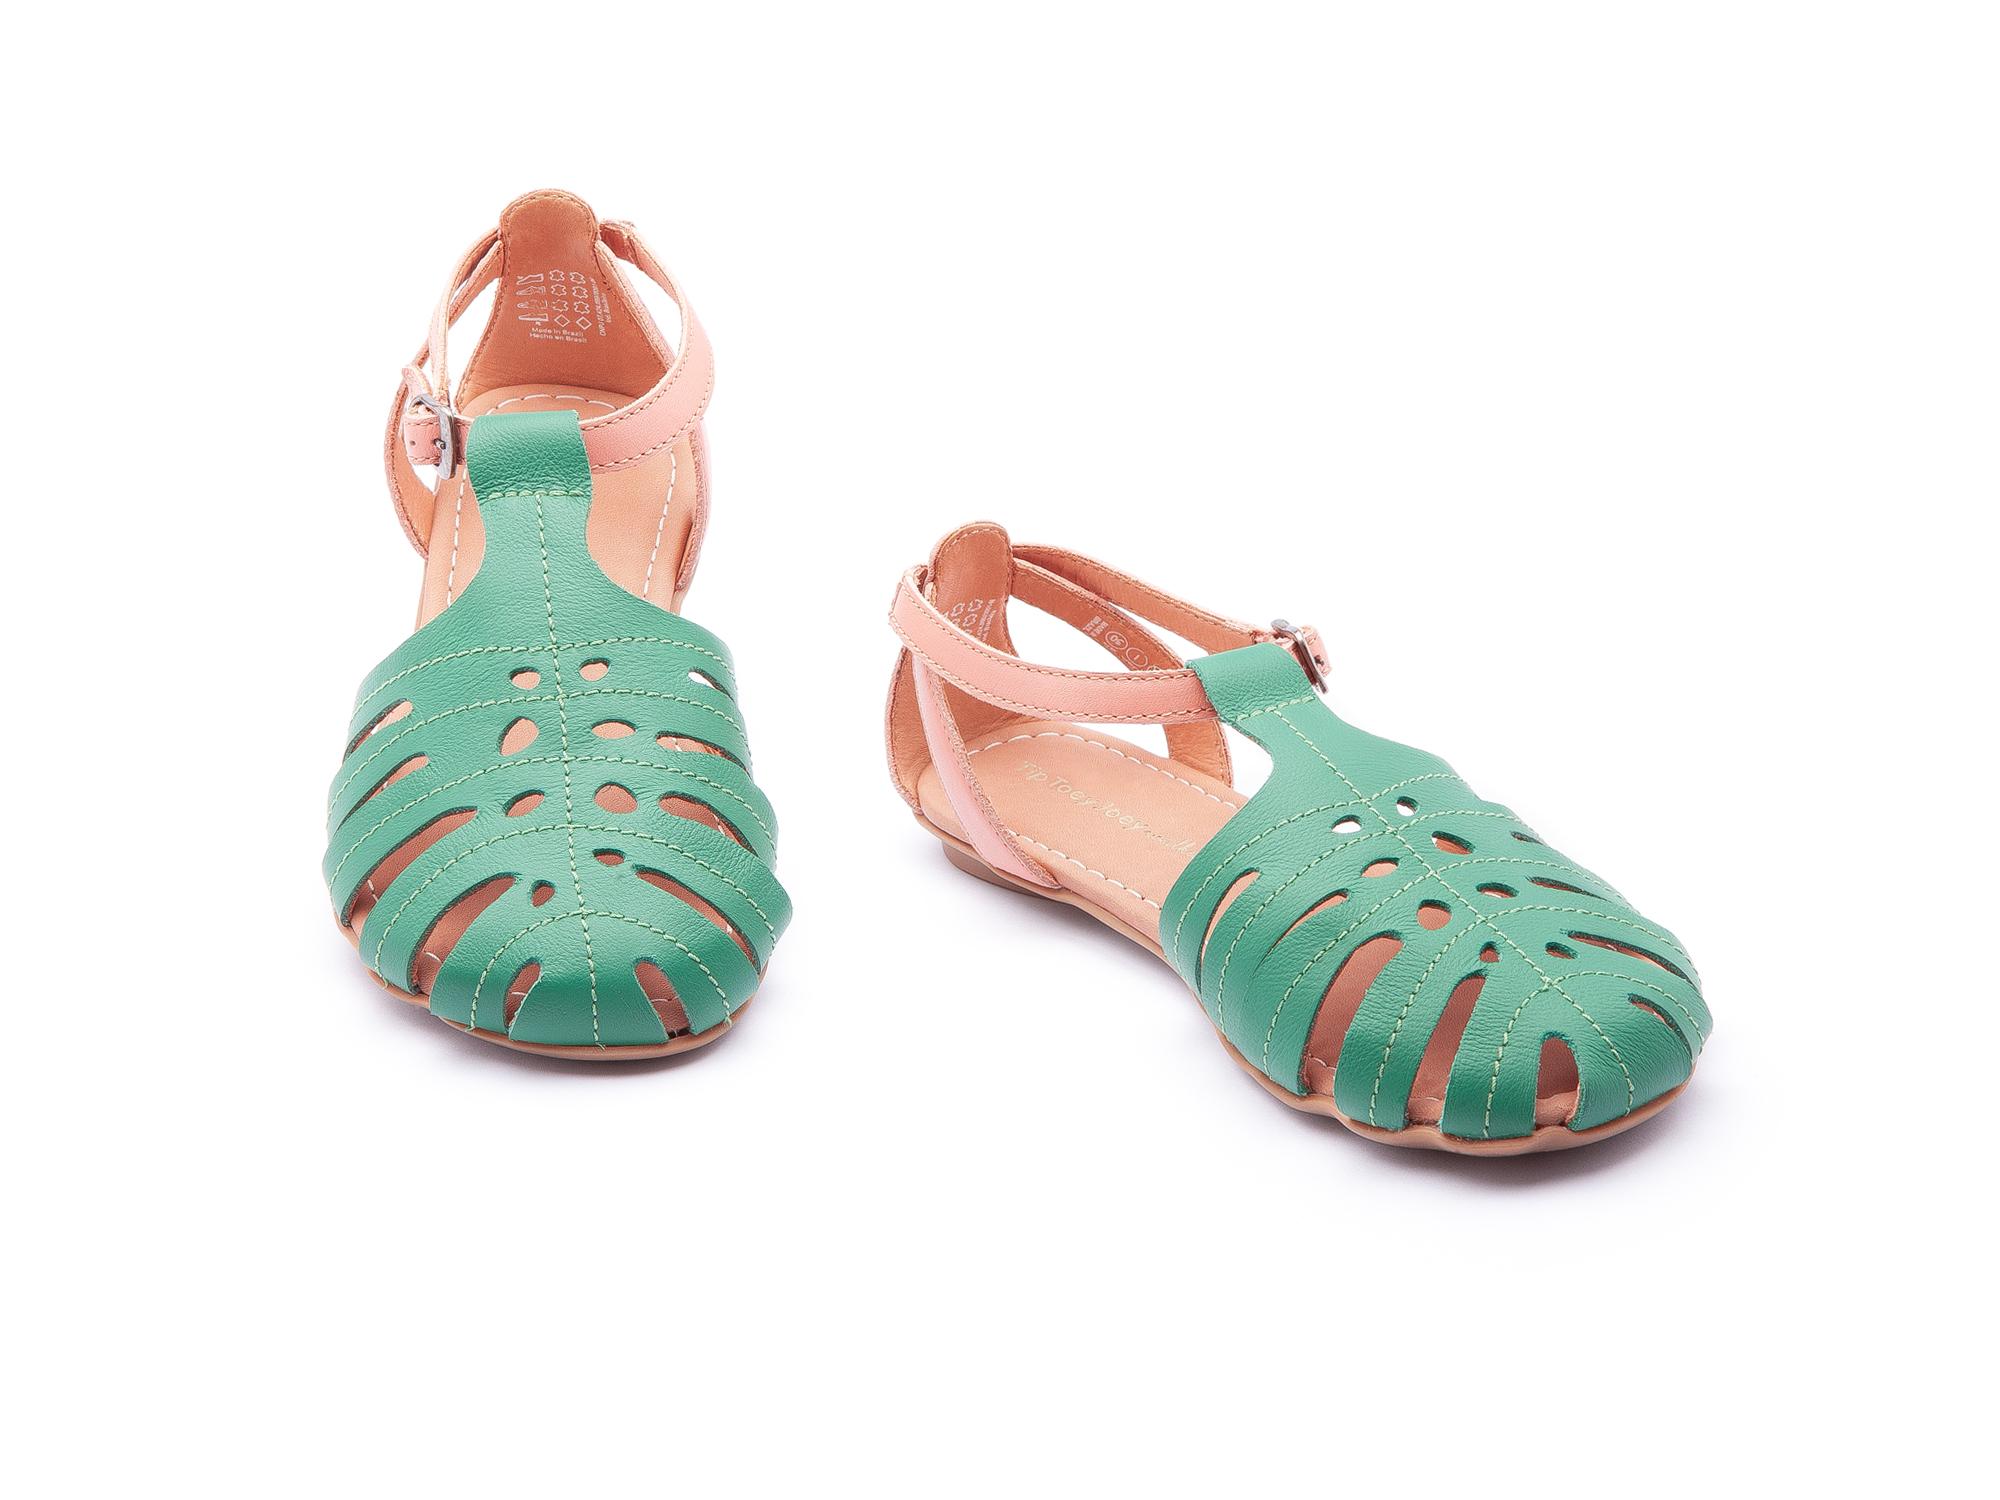 Sandália Tropical Green Leaf/ Flamingo Junior 4 à 8 anos - 1